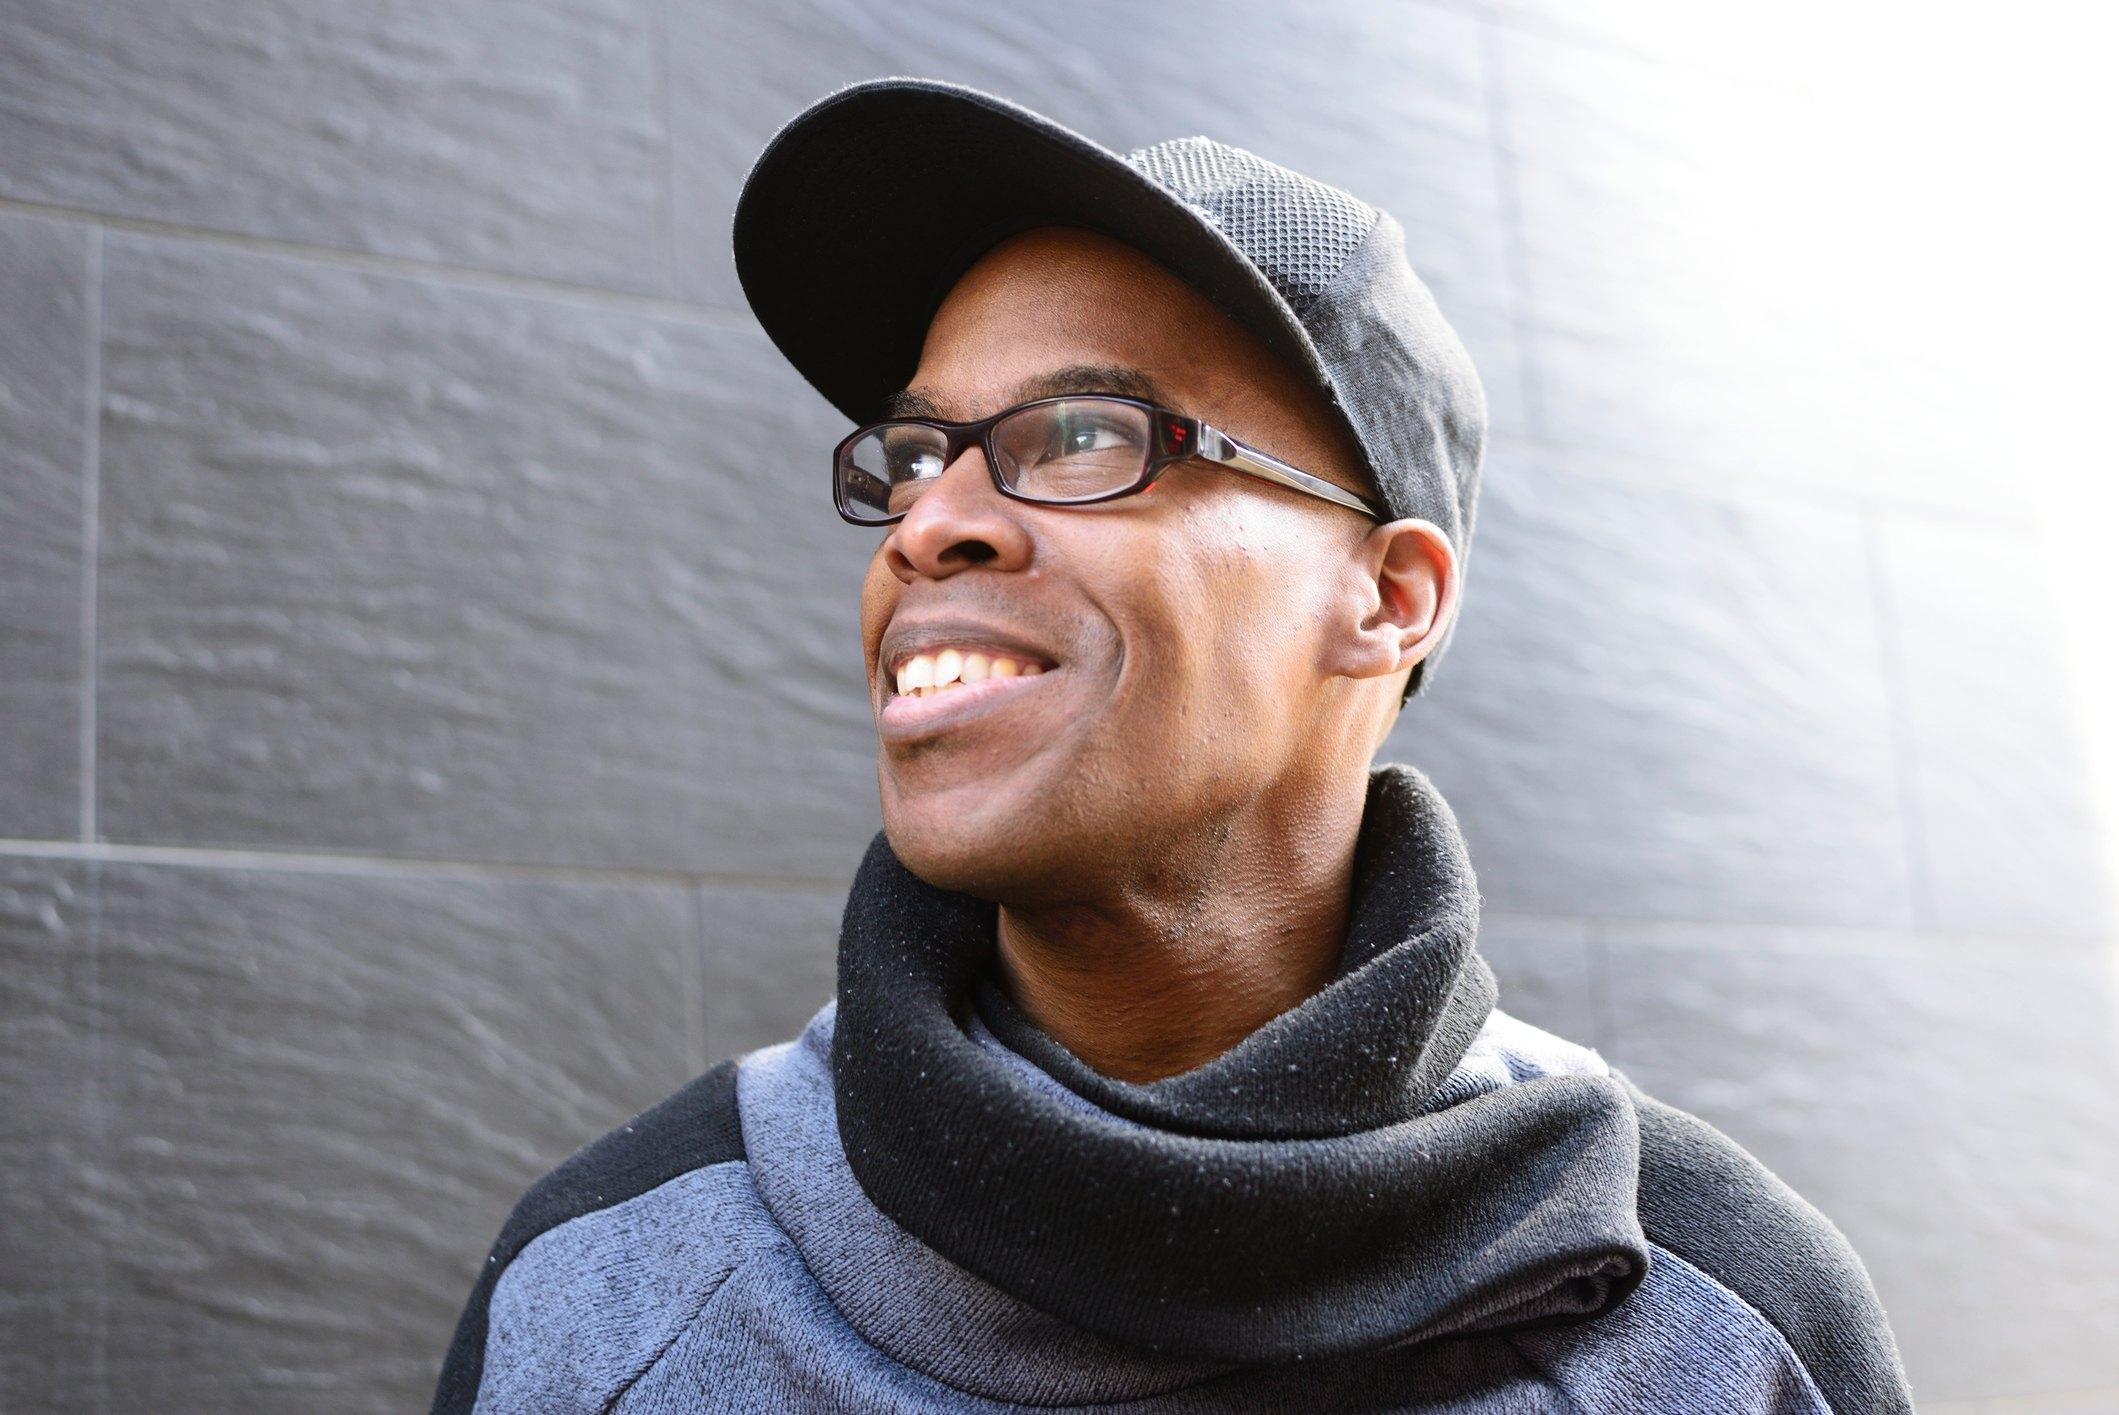 Smiling man in baseball hat